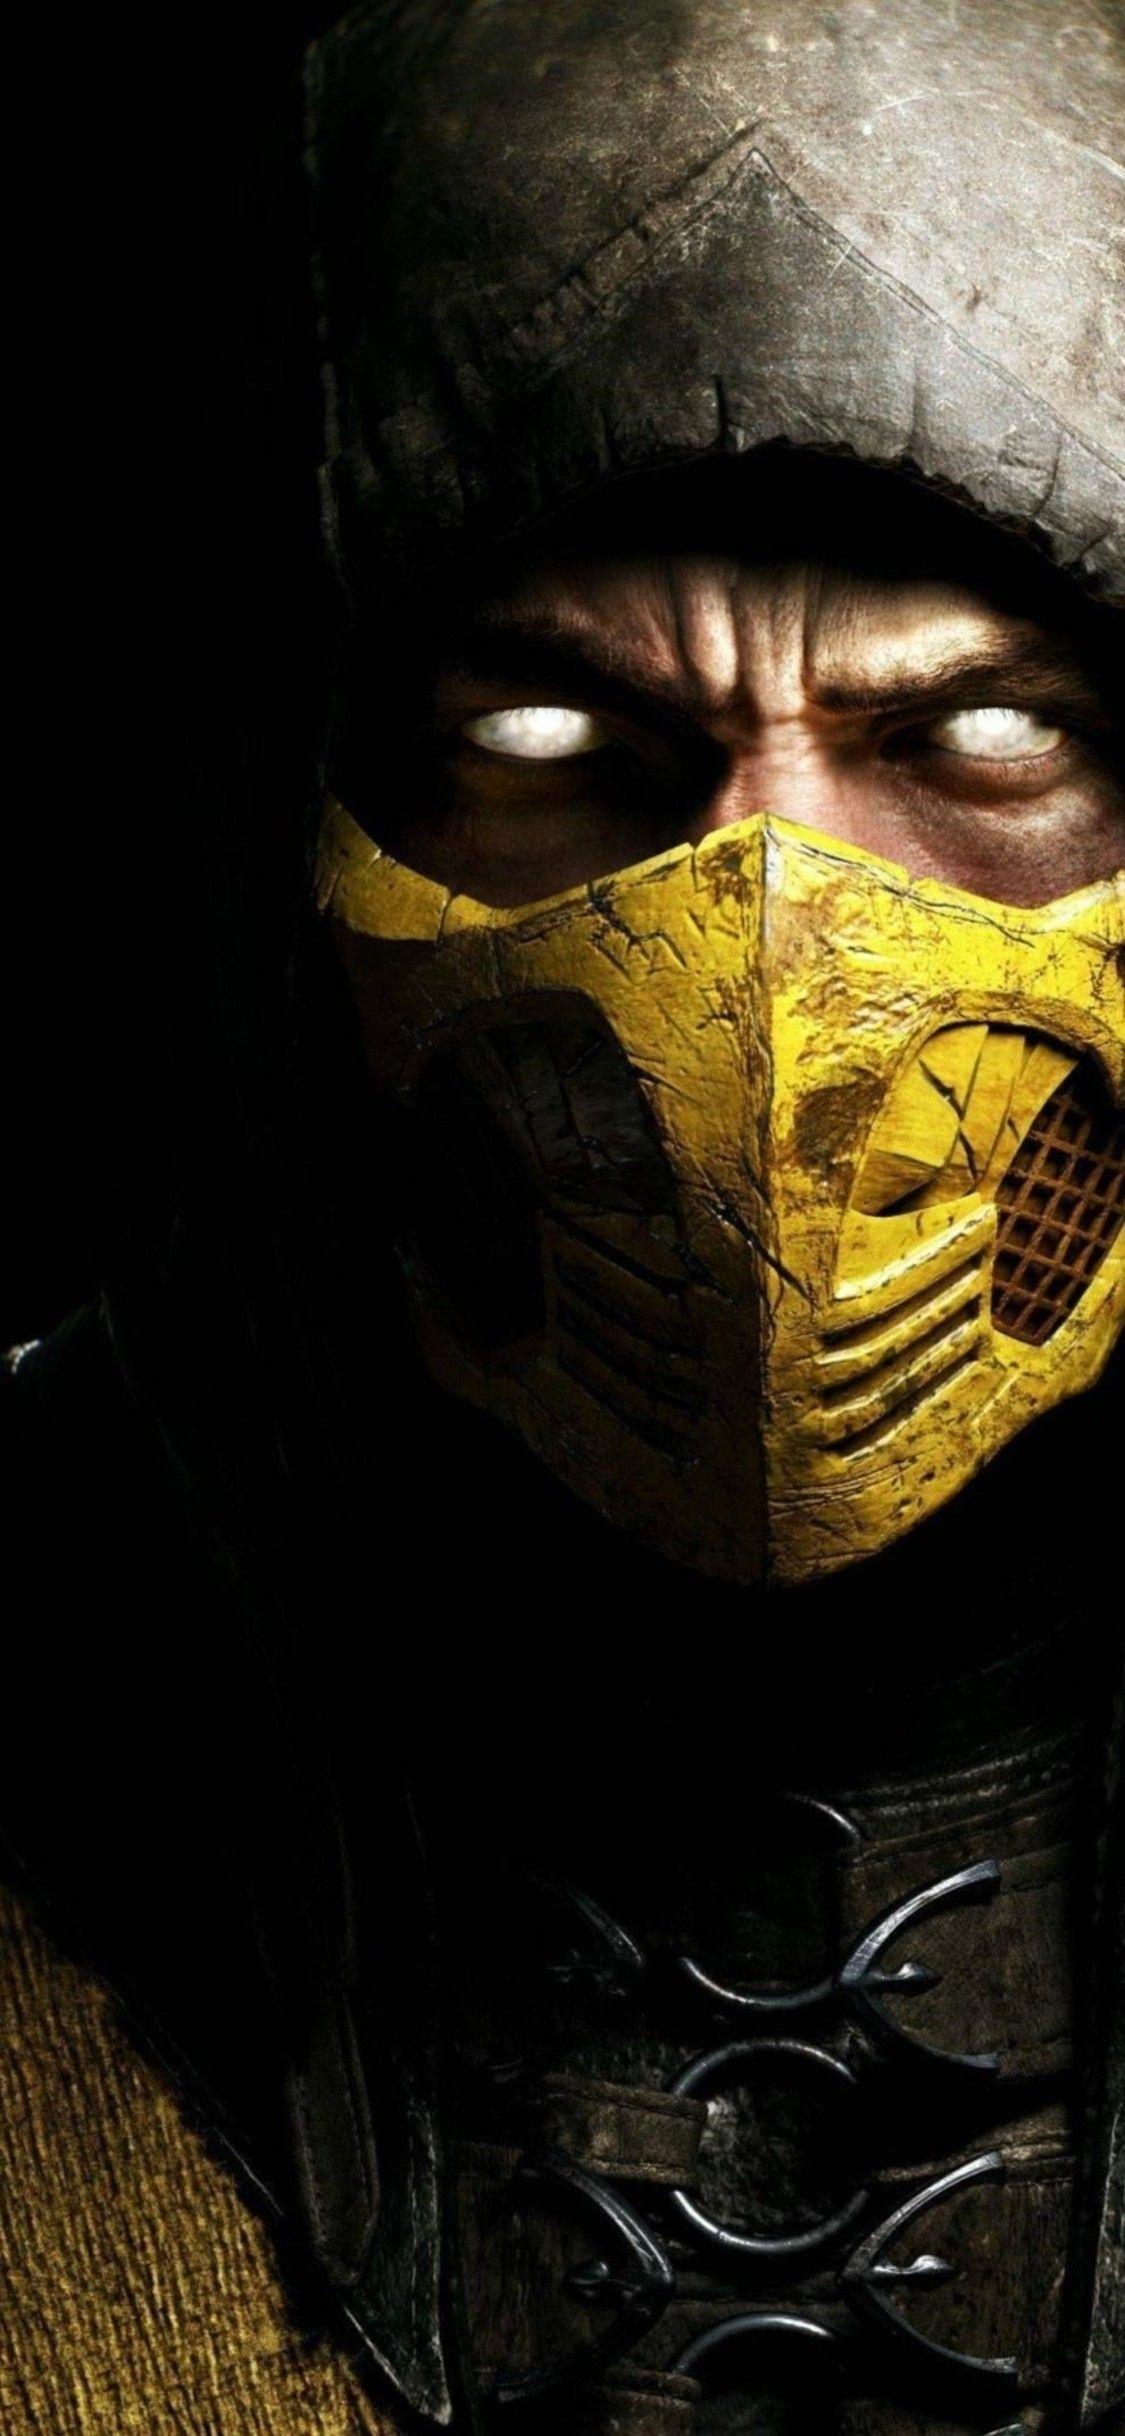 Mortal Kombat Iphone Wallpapers Top Free Mortal Kombat Iphone